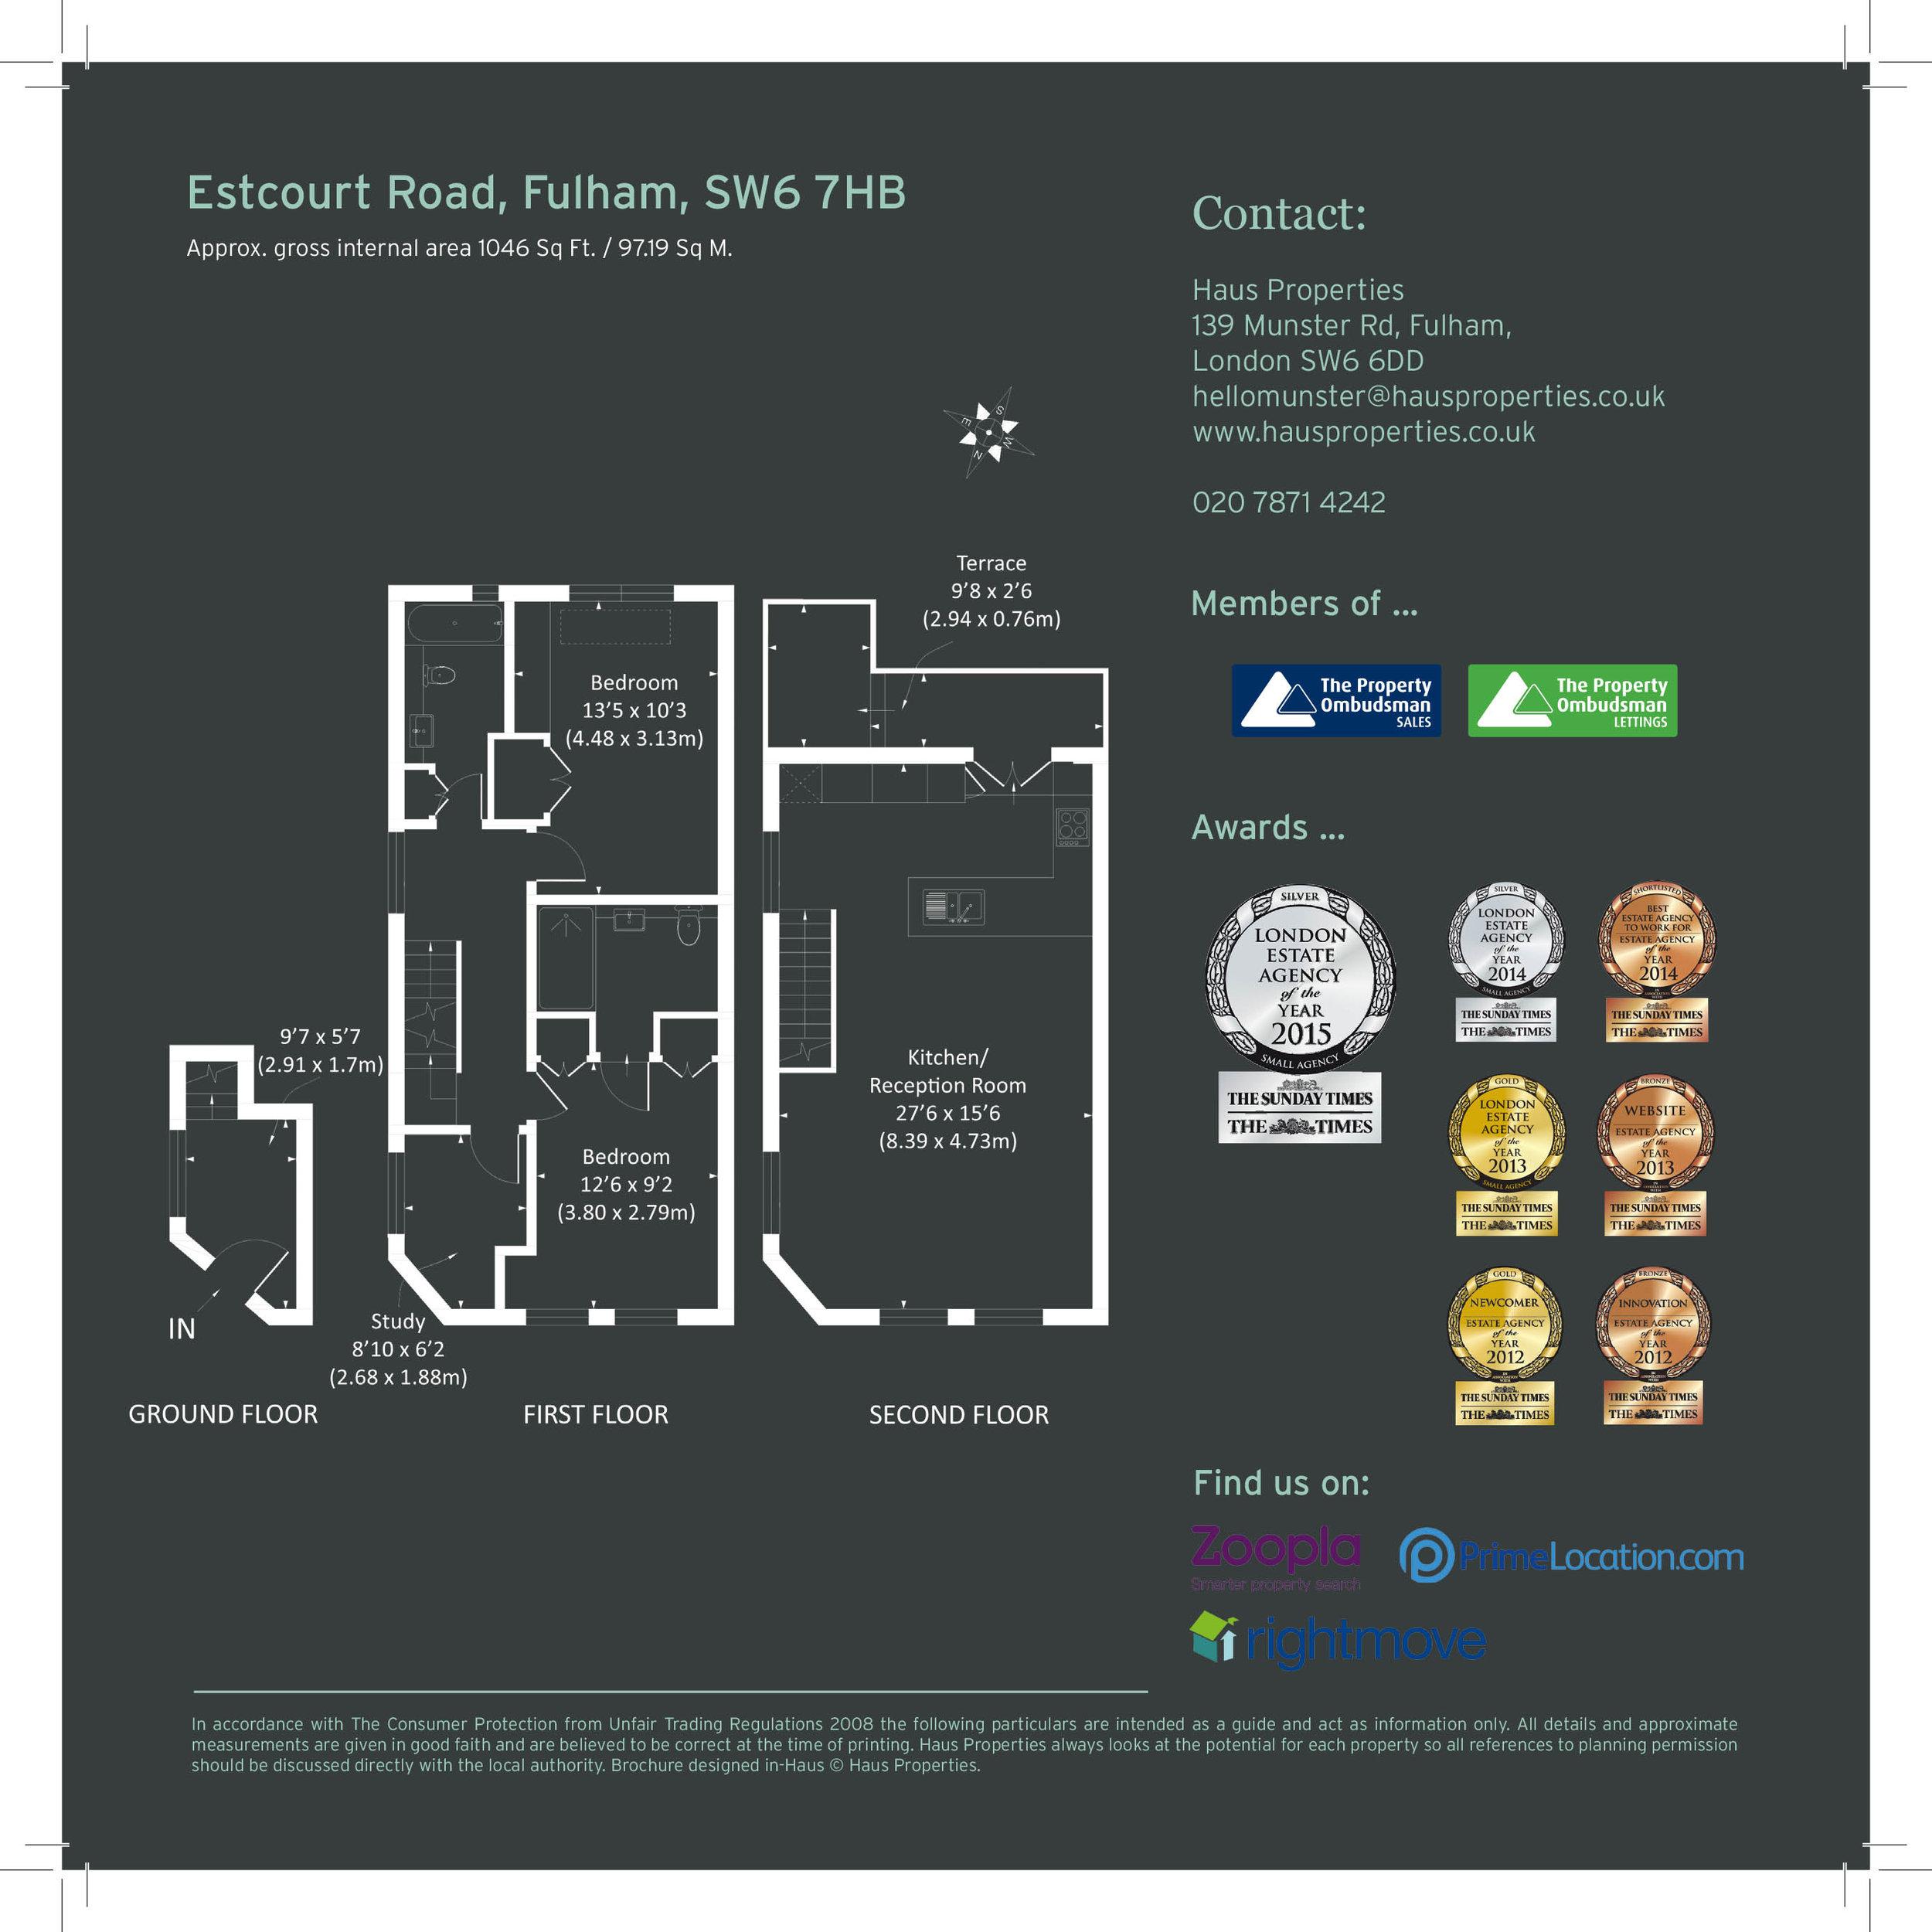 Floor plan in brochure